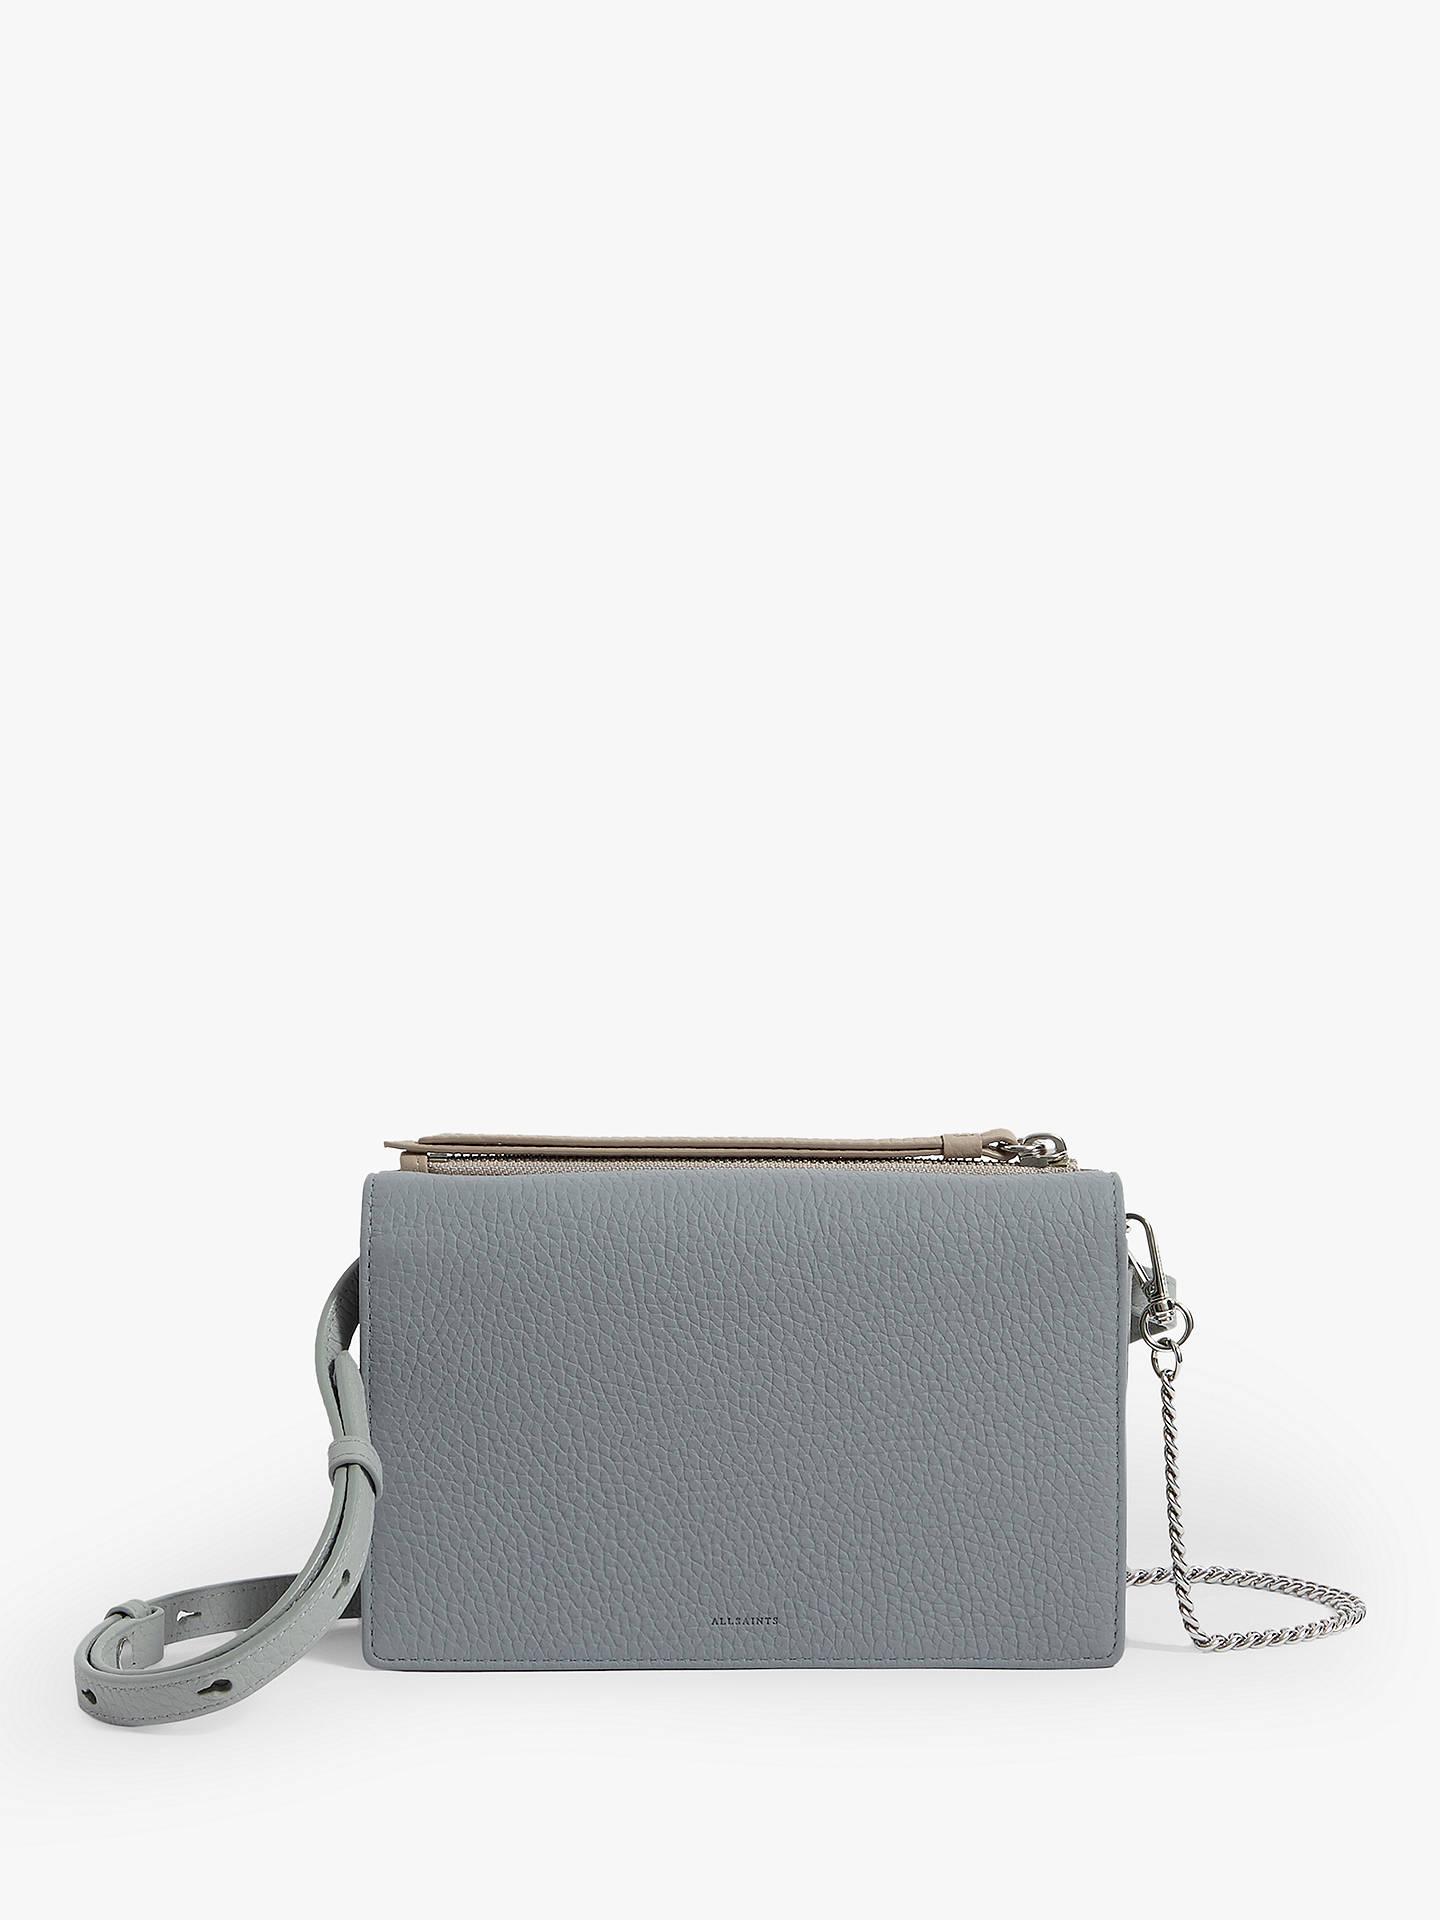 82cd00d7cc6f AllSaints Fetch Chain Wallet Cross Body Bag, Multi Sky Blue